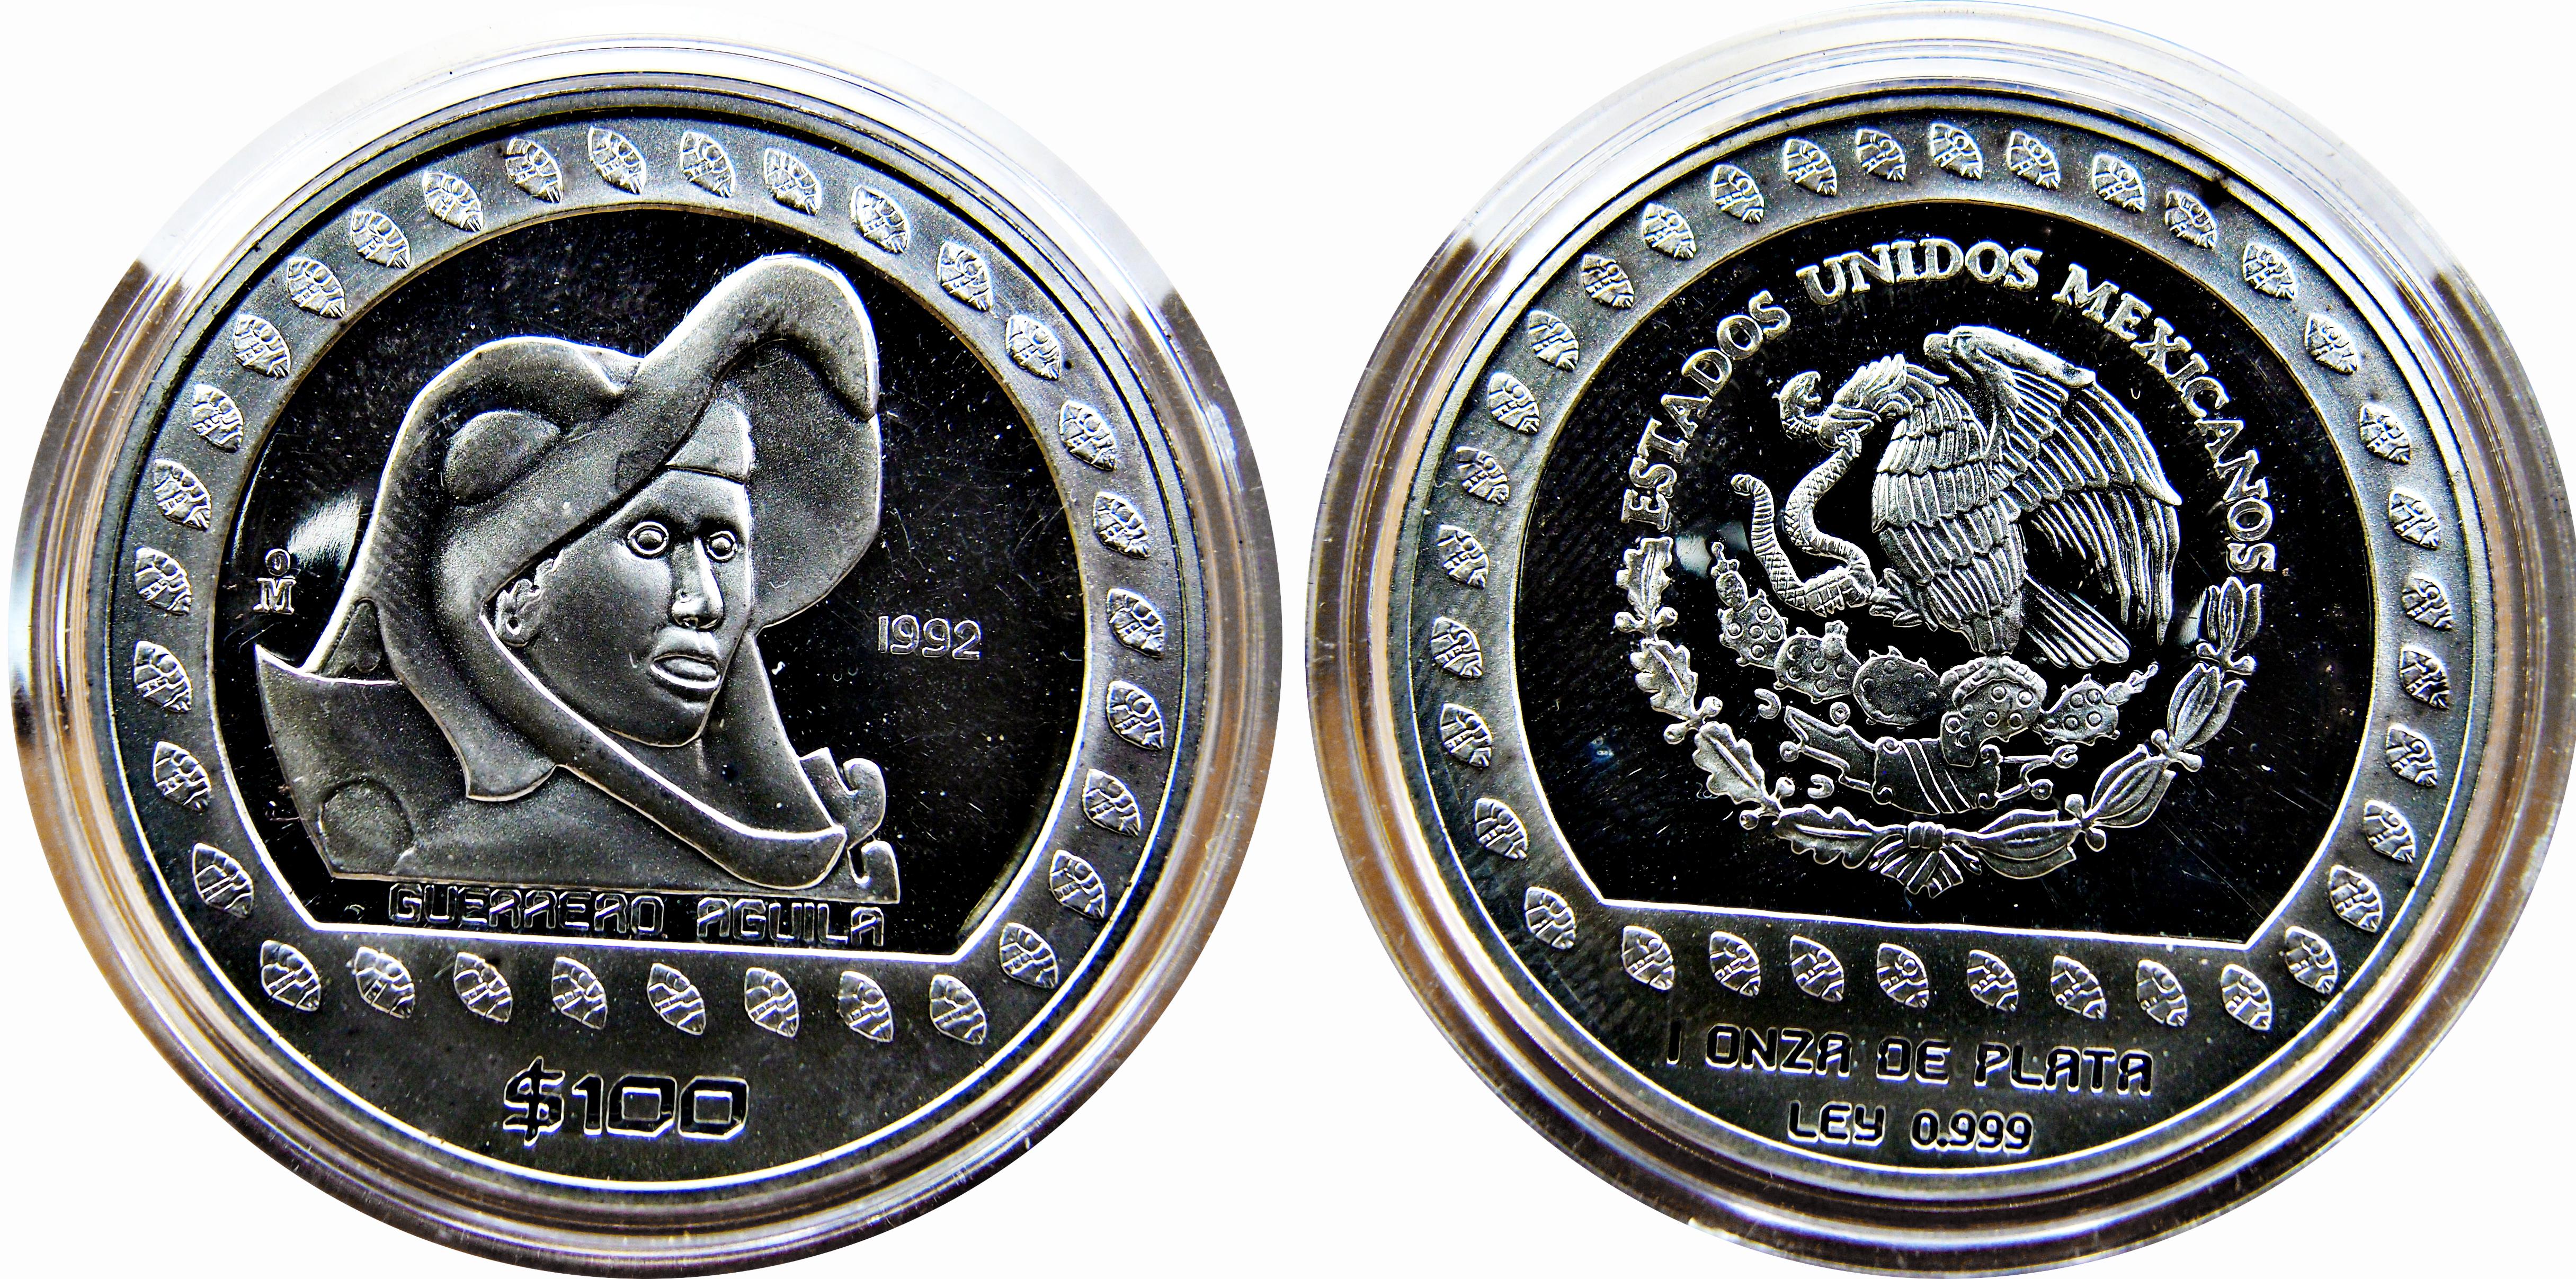 Colección Precolombina de onzas de plata del Banco de Mexico 12123556683_54432c36a5_o